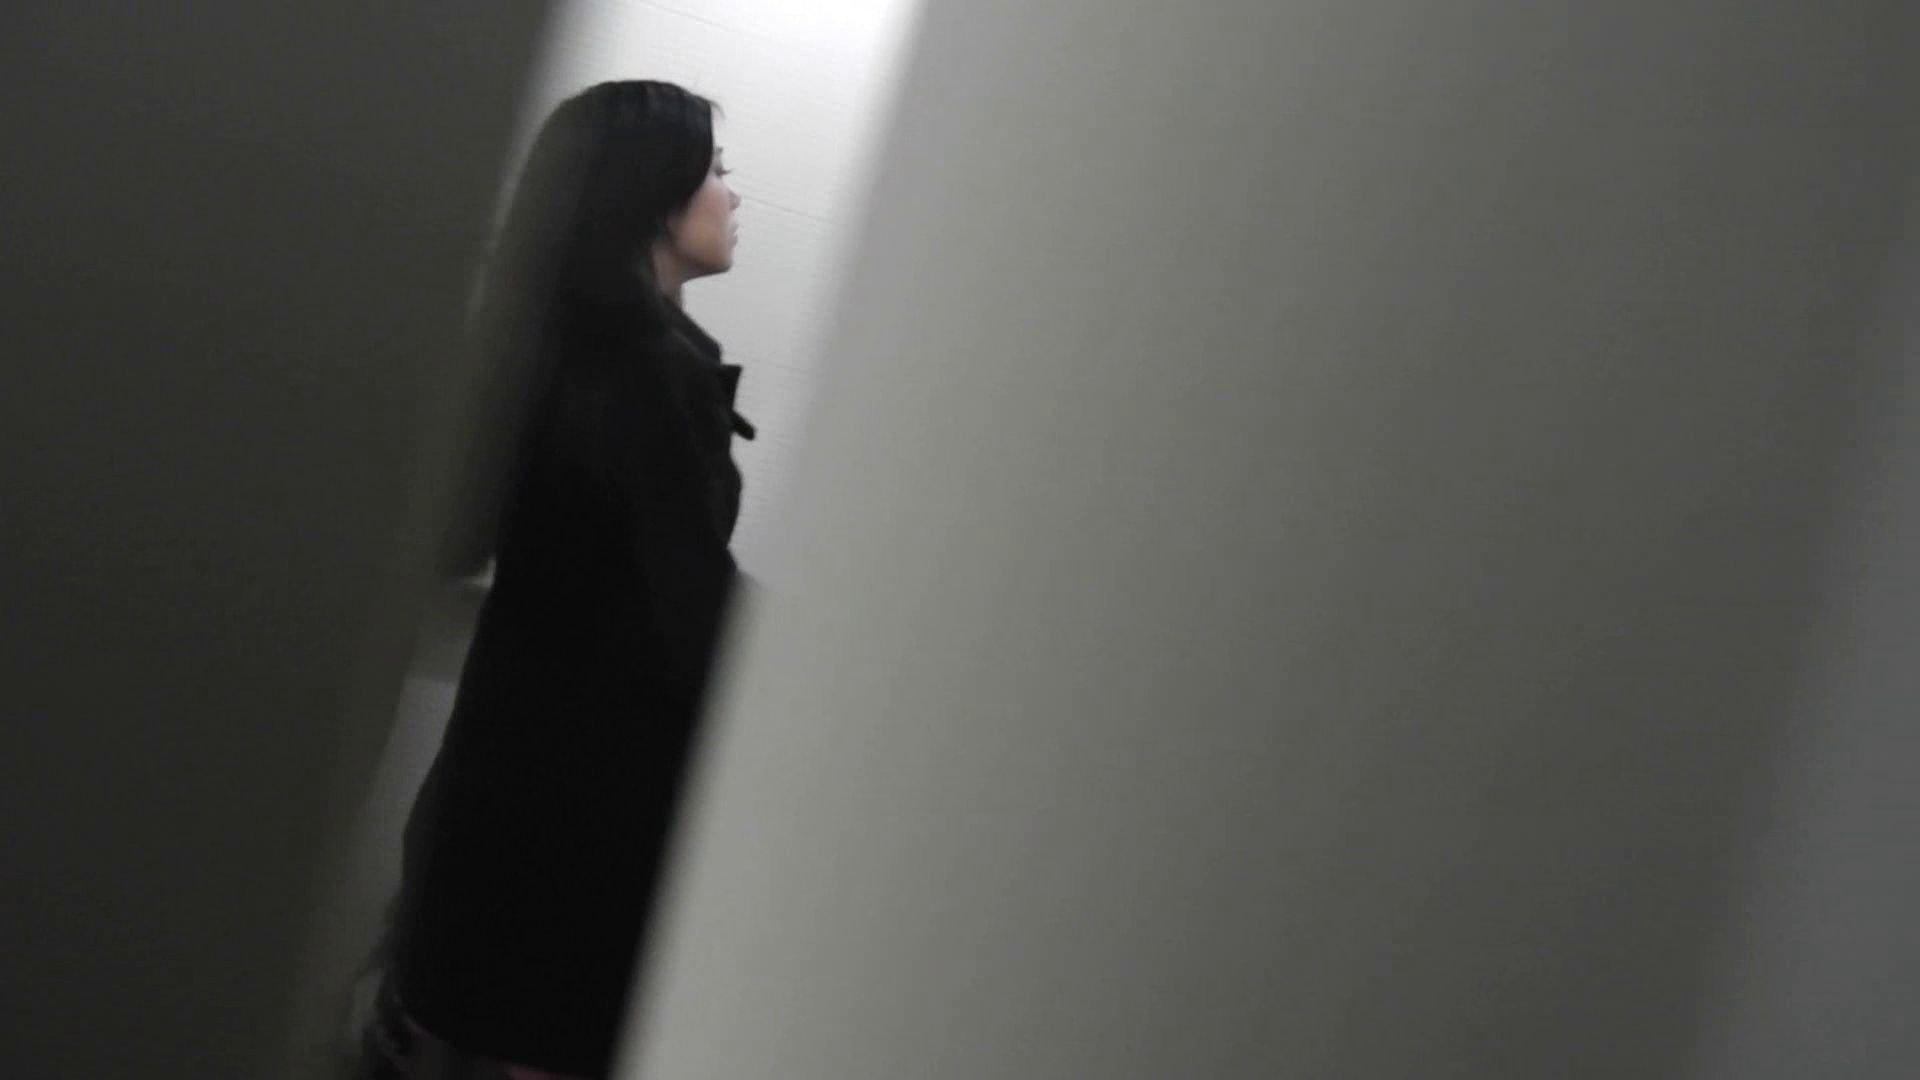 【日本成人用品展览会。超模如云】vol.01 着替 空爆 着替え のぞき濡れ場動画紹介 100pic 59